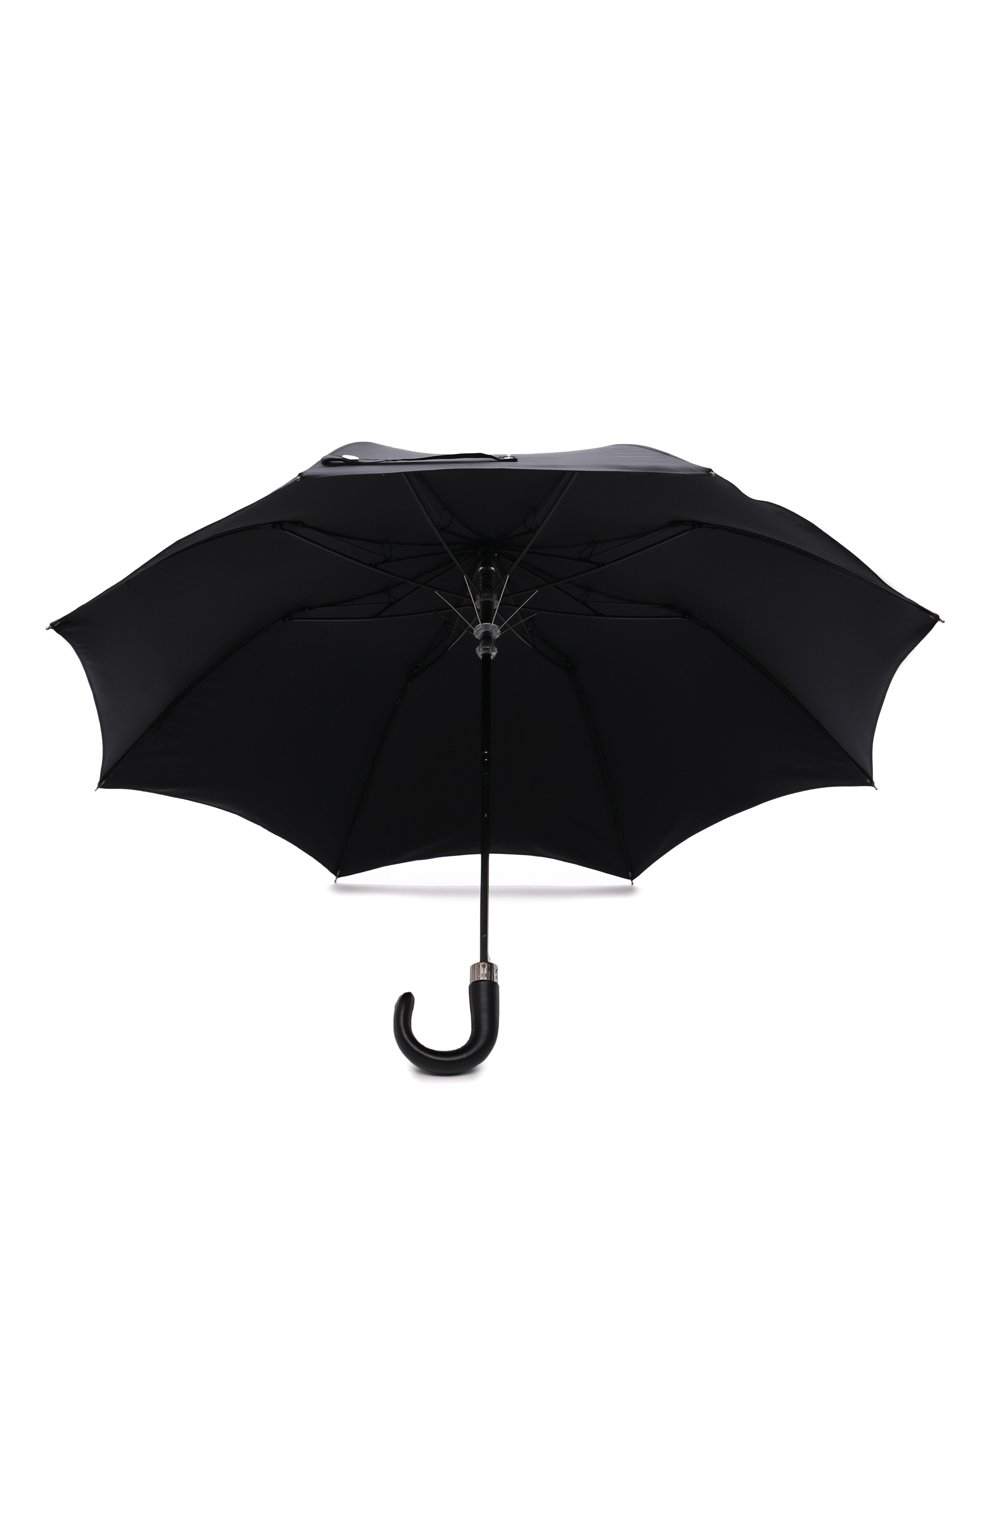 Мужской складной зонт ALEXANDER MCQUEEN черного цвета, арт. 663426/4A71Q   Фото 3 (Материал: Текстиль, Синтетический материал, Металл)